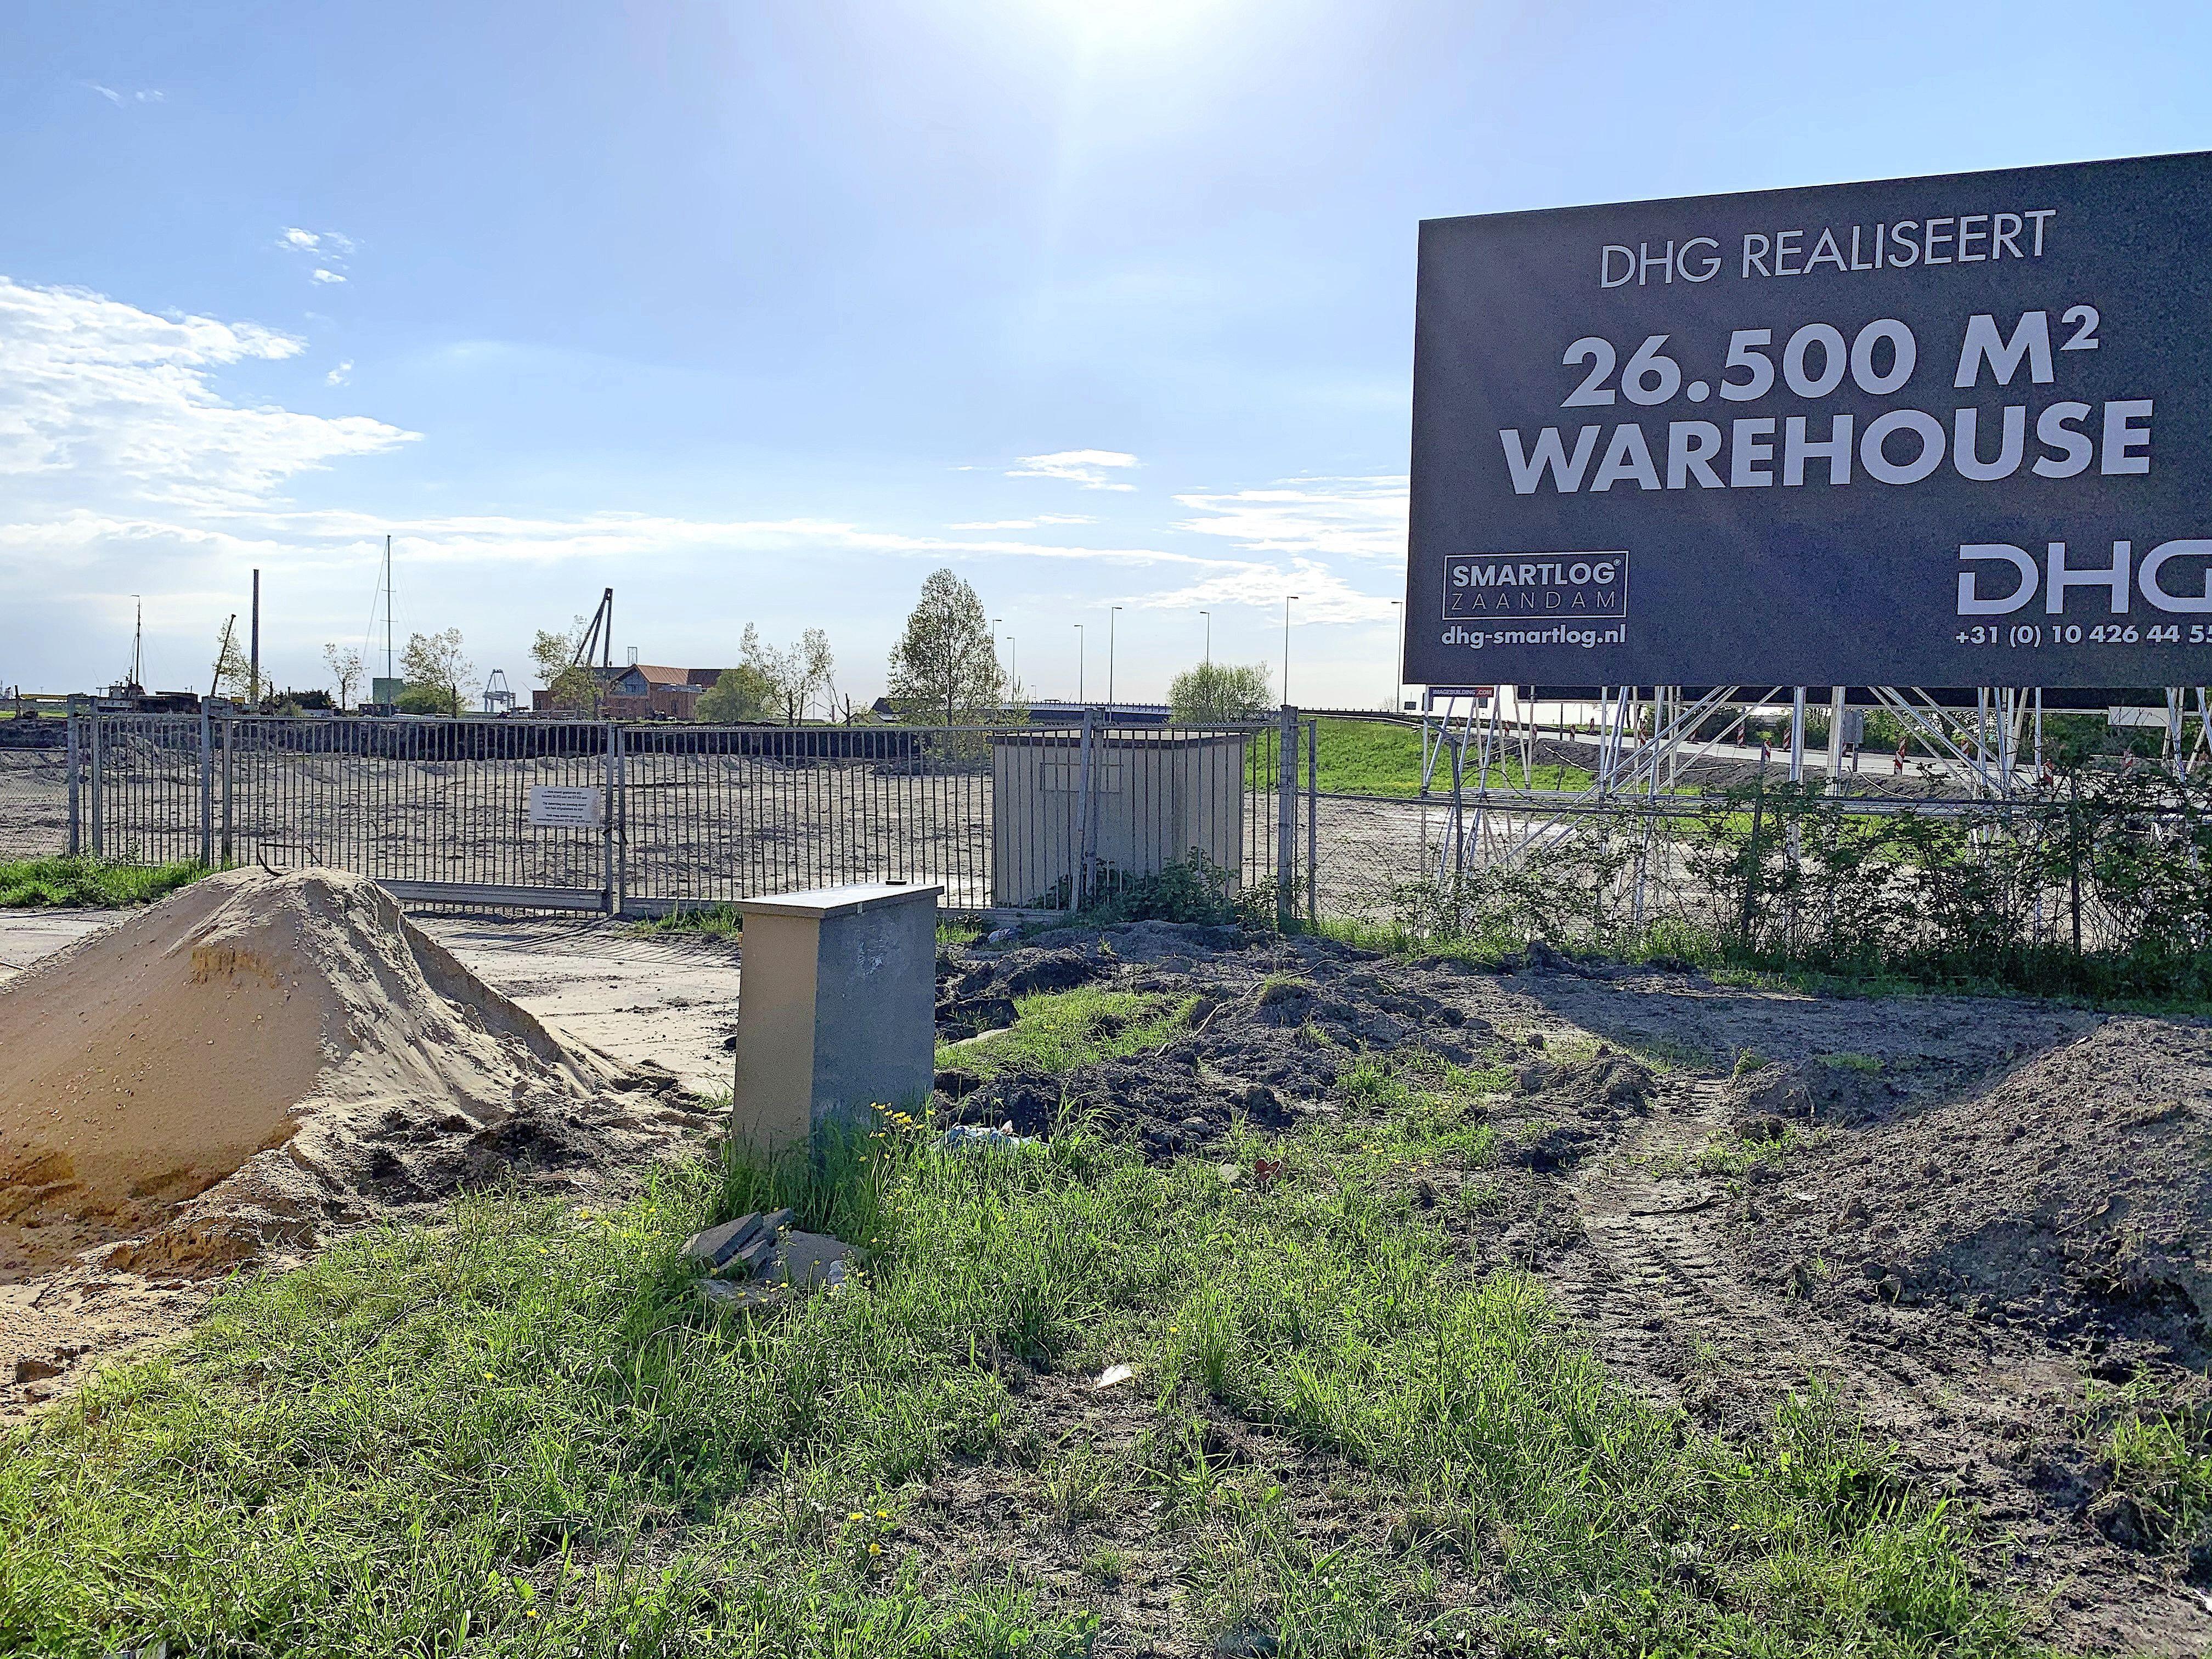 Spookgebouw oude vuilverbranding Zaandam met de grond gelijk, komt modern distributiecentrum voor terug